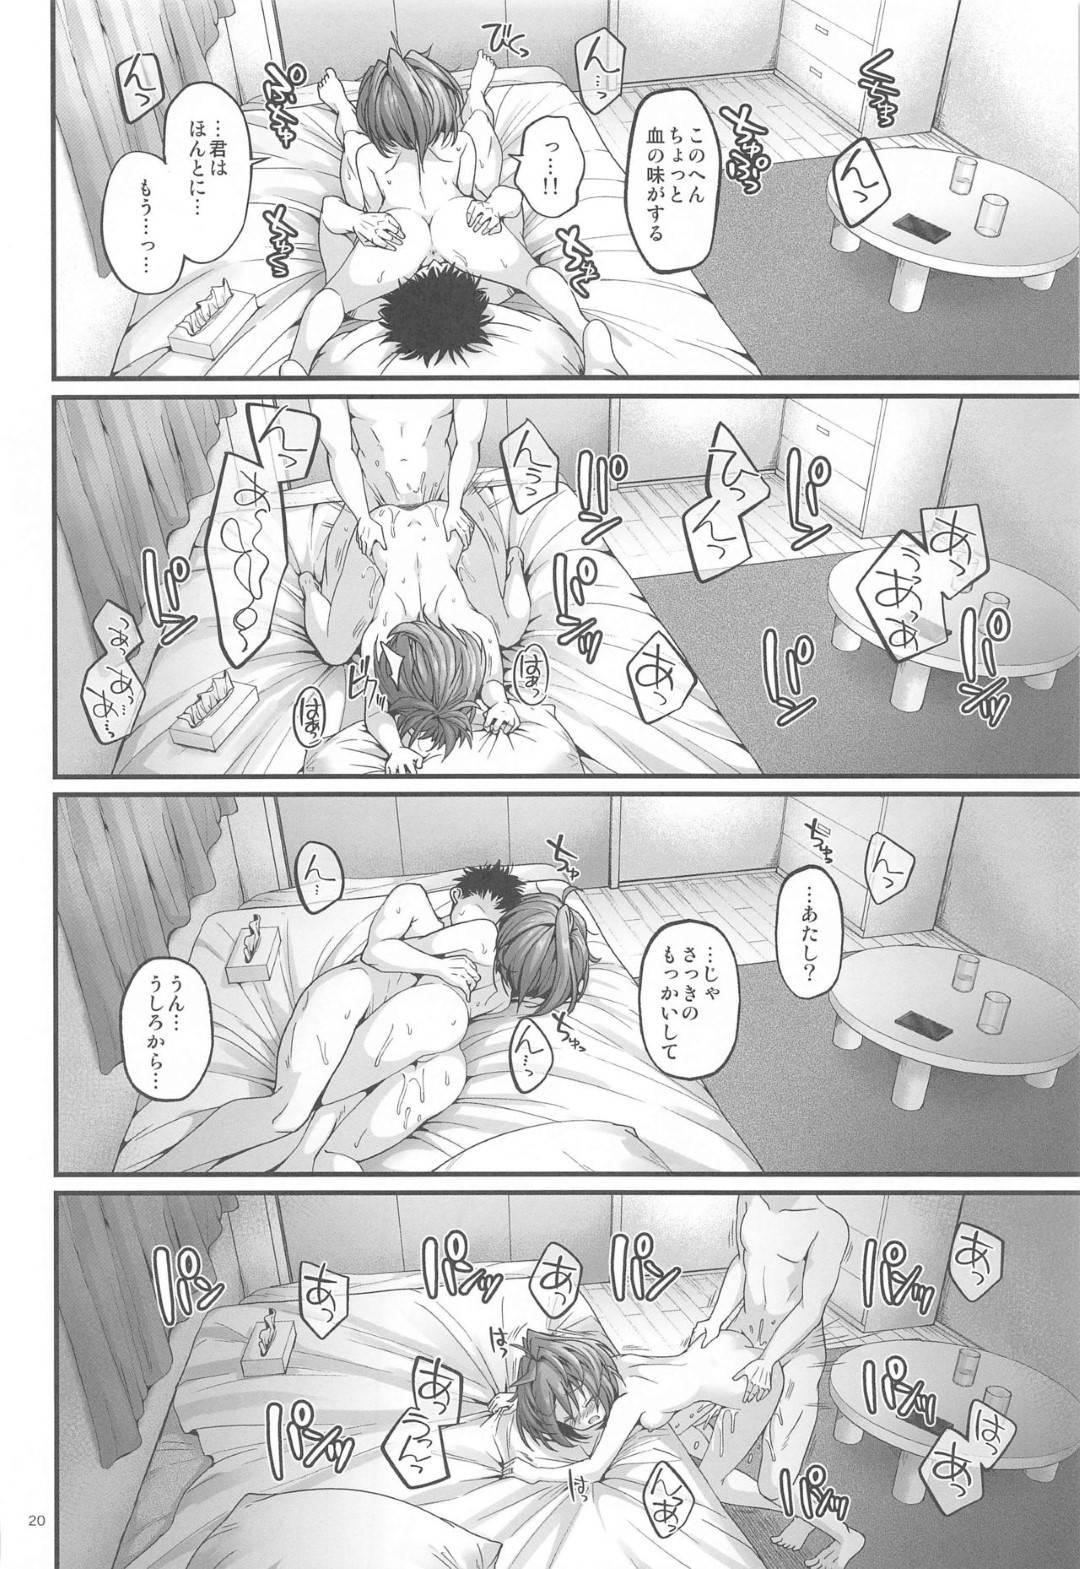 【エロ漫画】提督の部屋へと上がりこんだシェフィールド。2人きりの部屋で何も起きないはずもなく、エッチな雰囲気となった2人はそのまま勢いに任せてイチャラブセックスする!